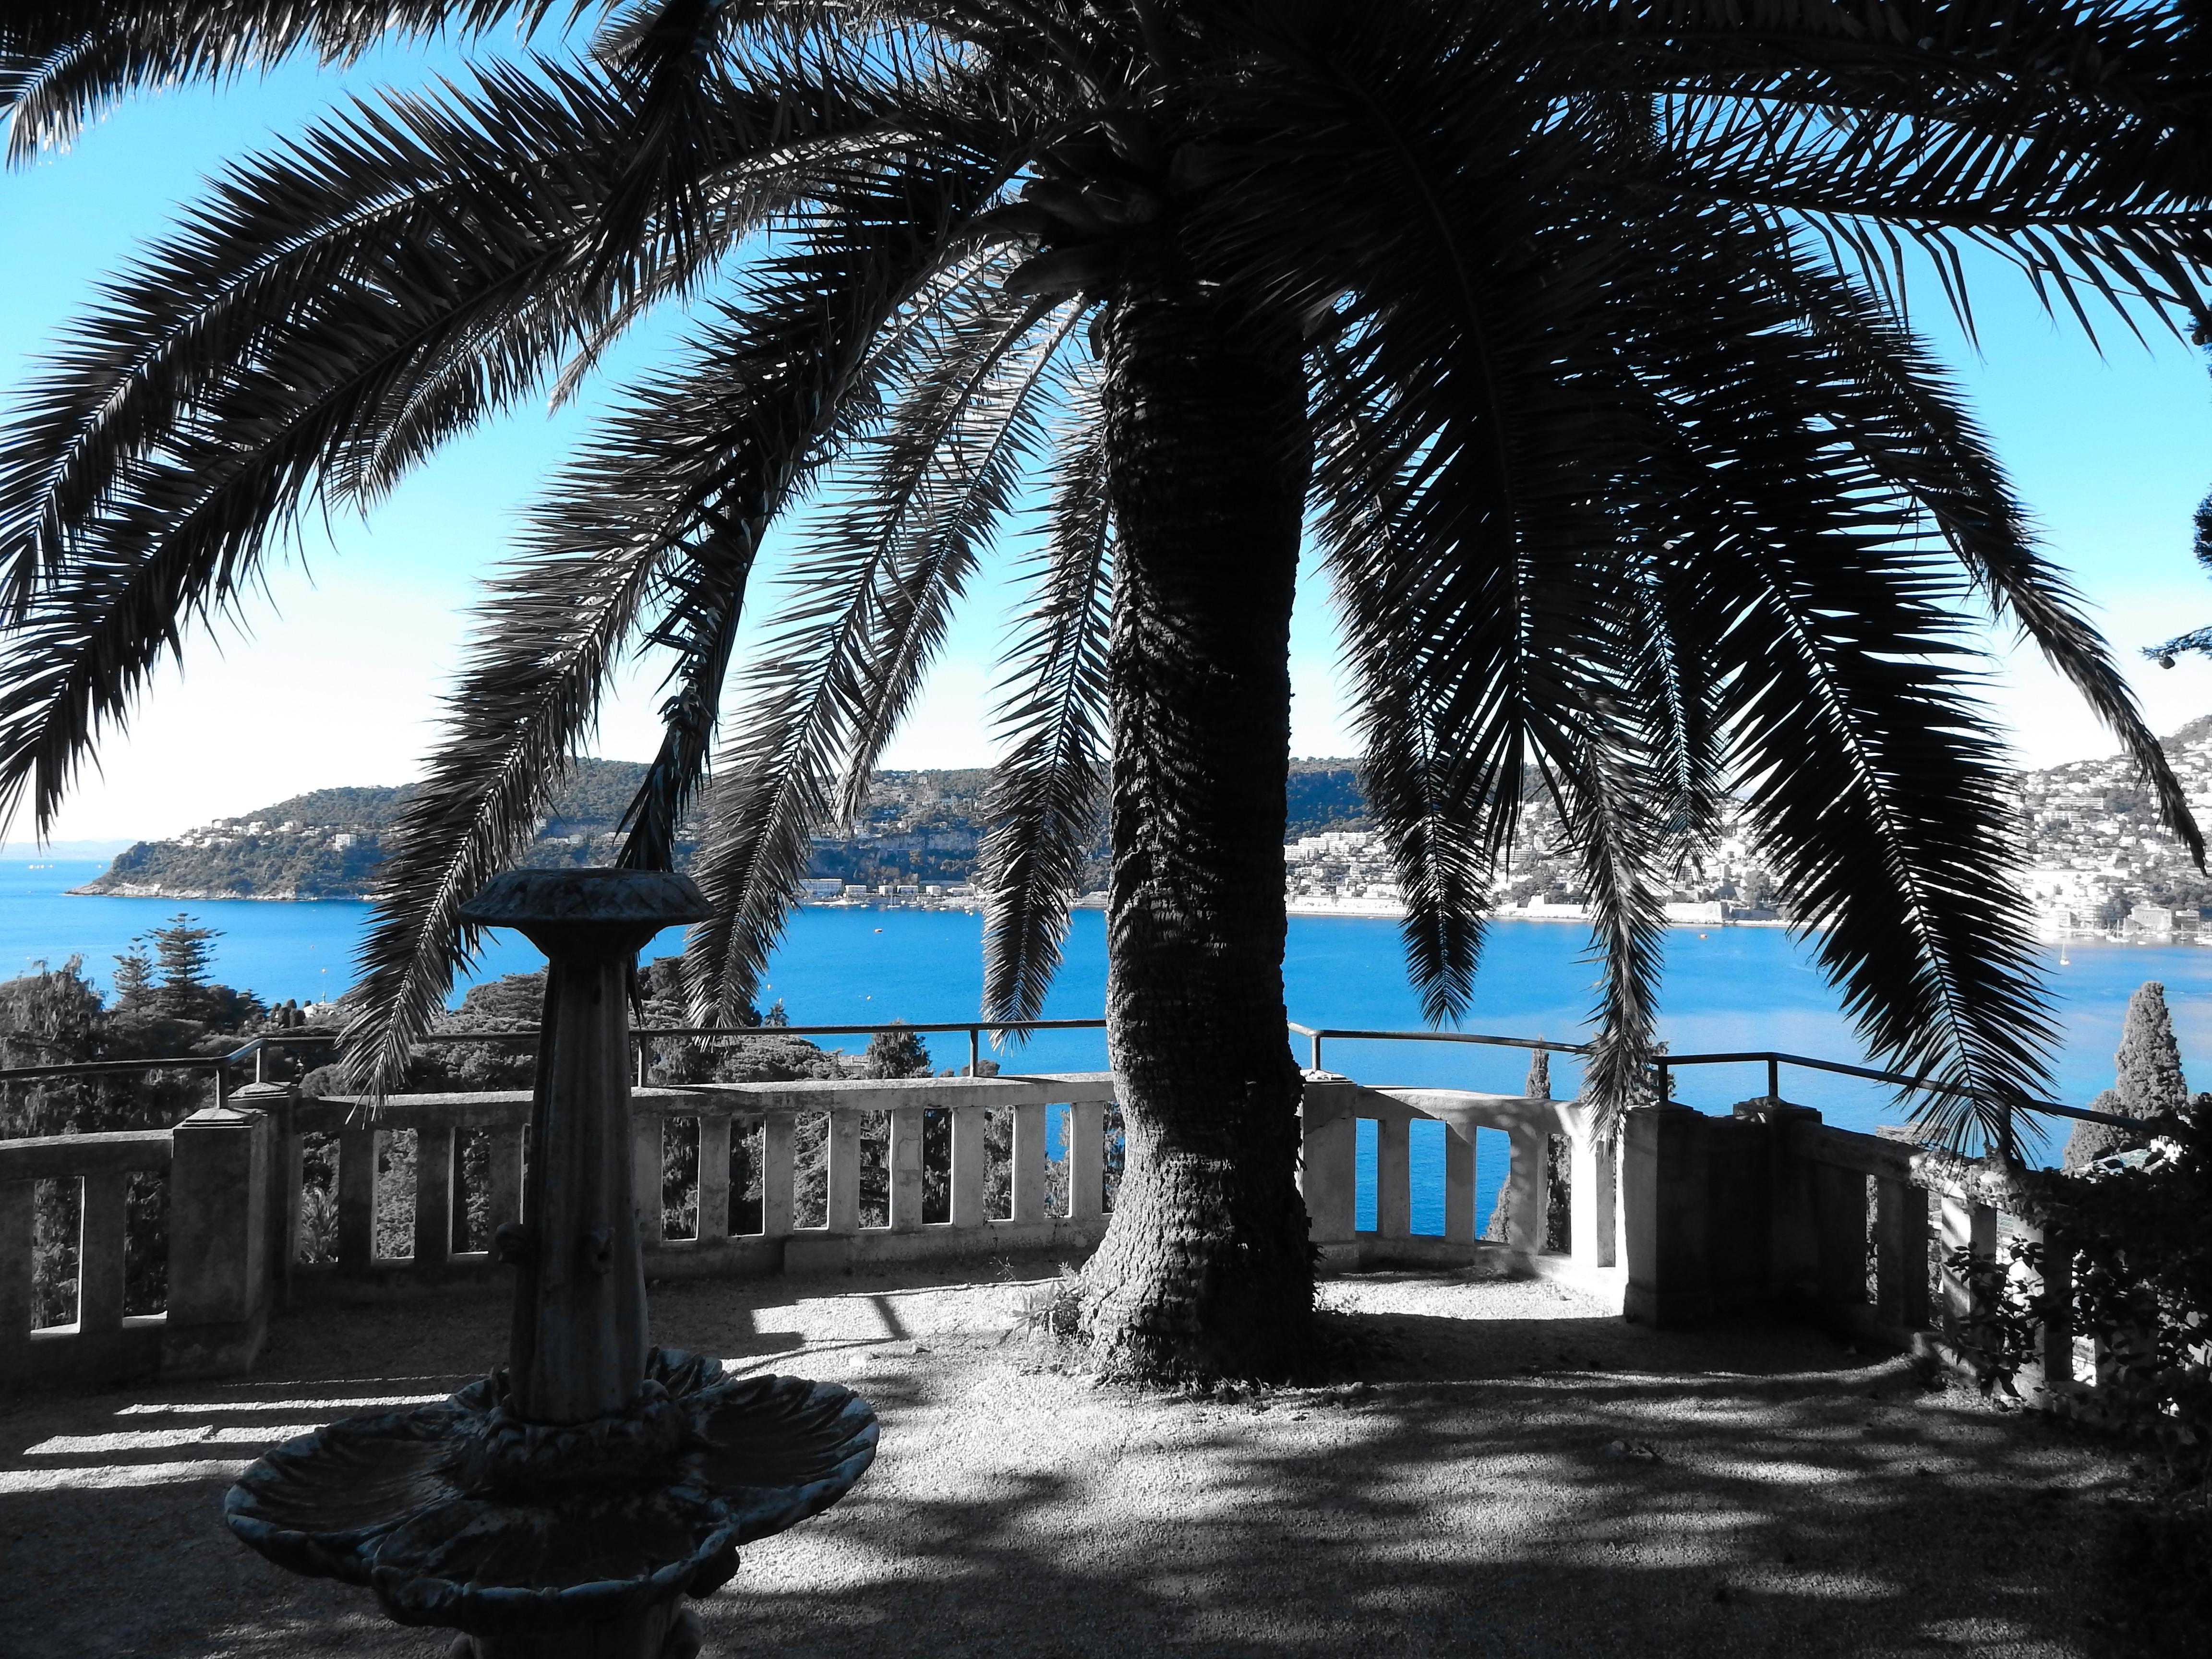 Villa Ephrussi-Rothschild